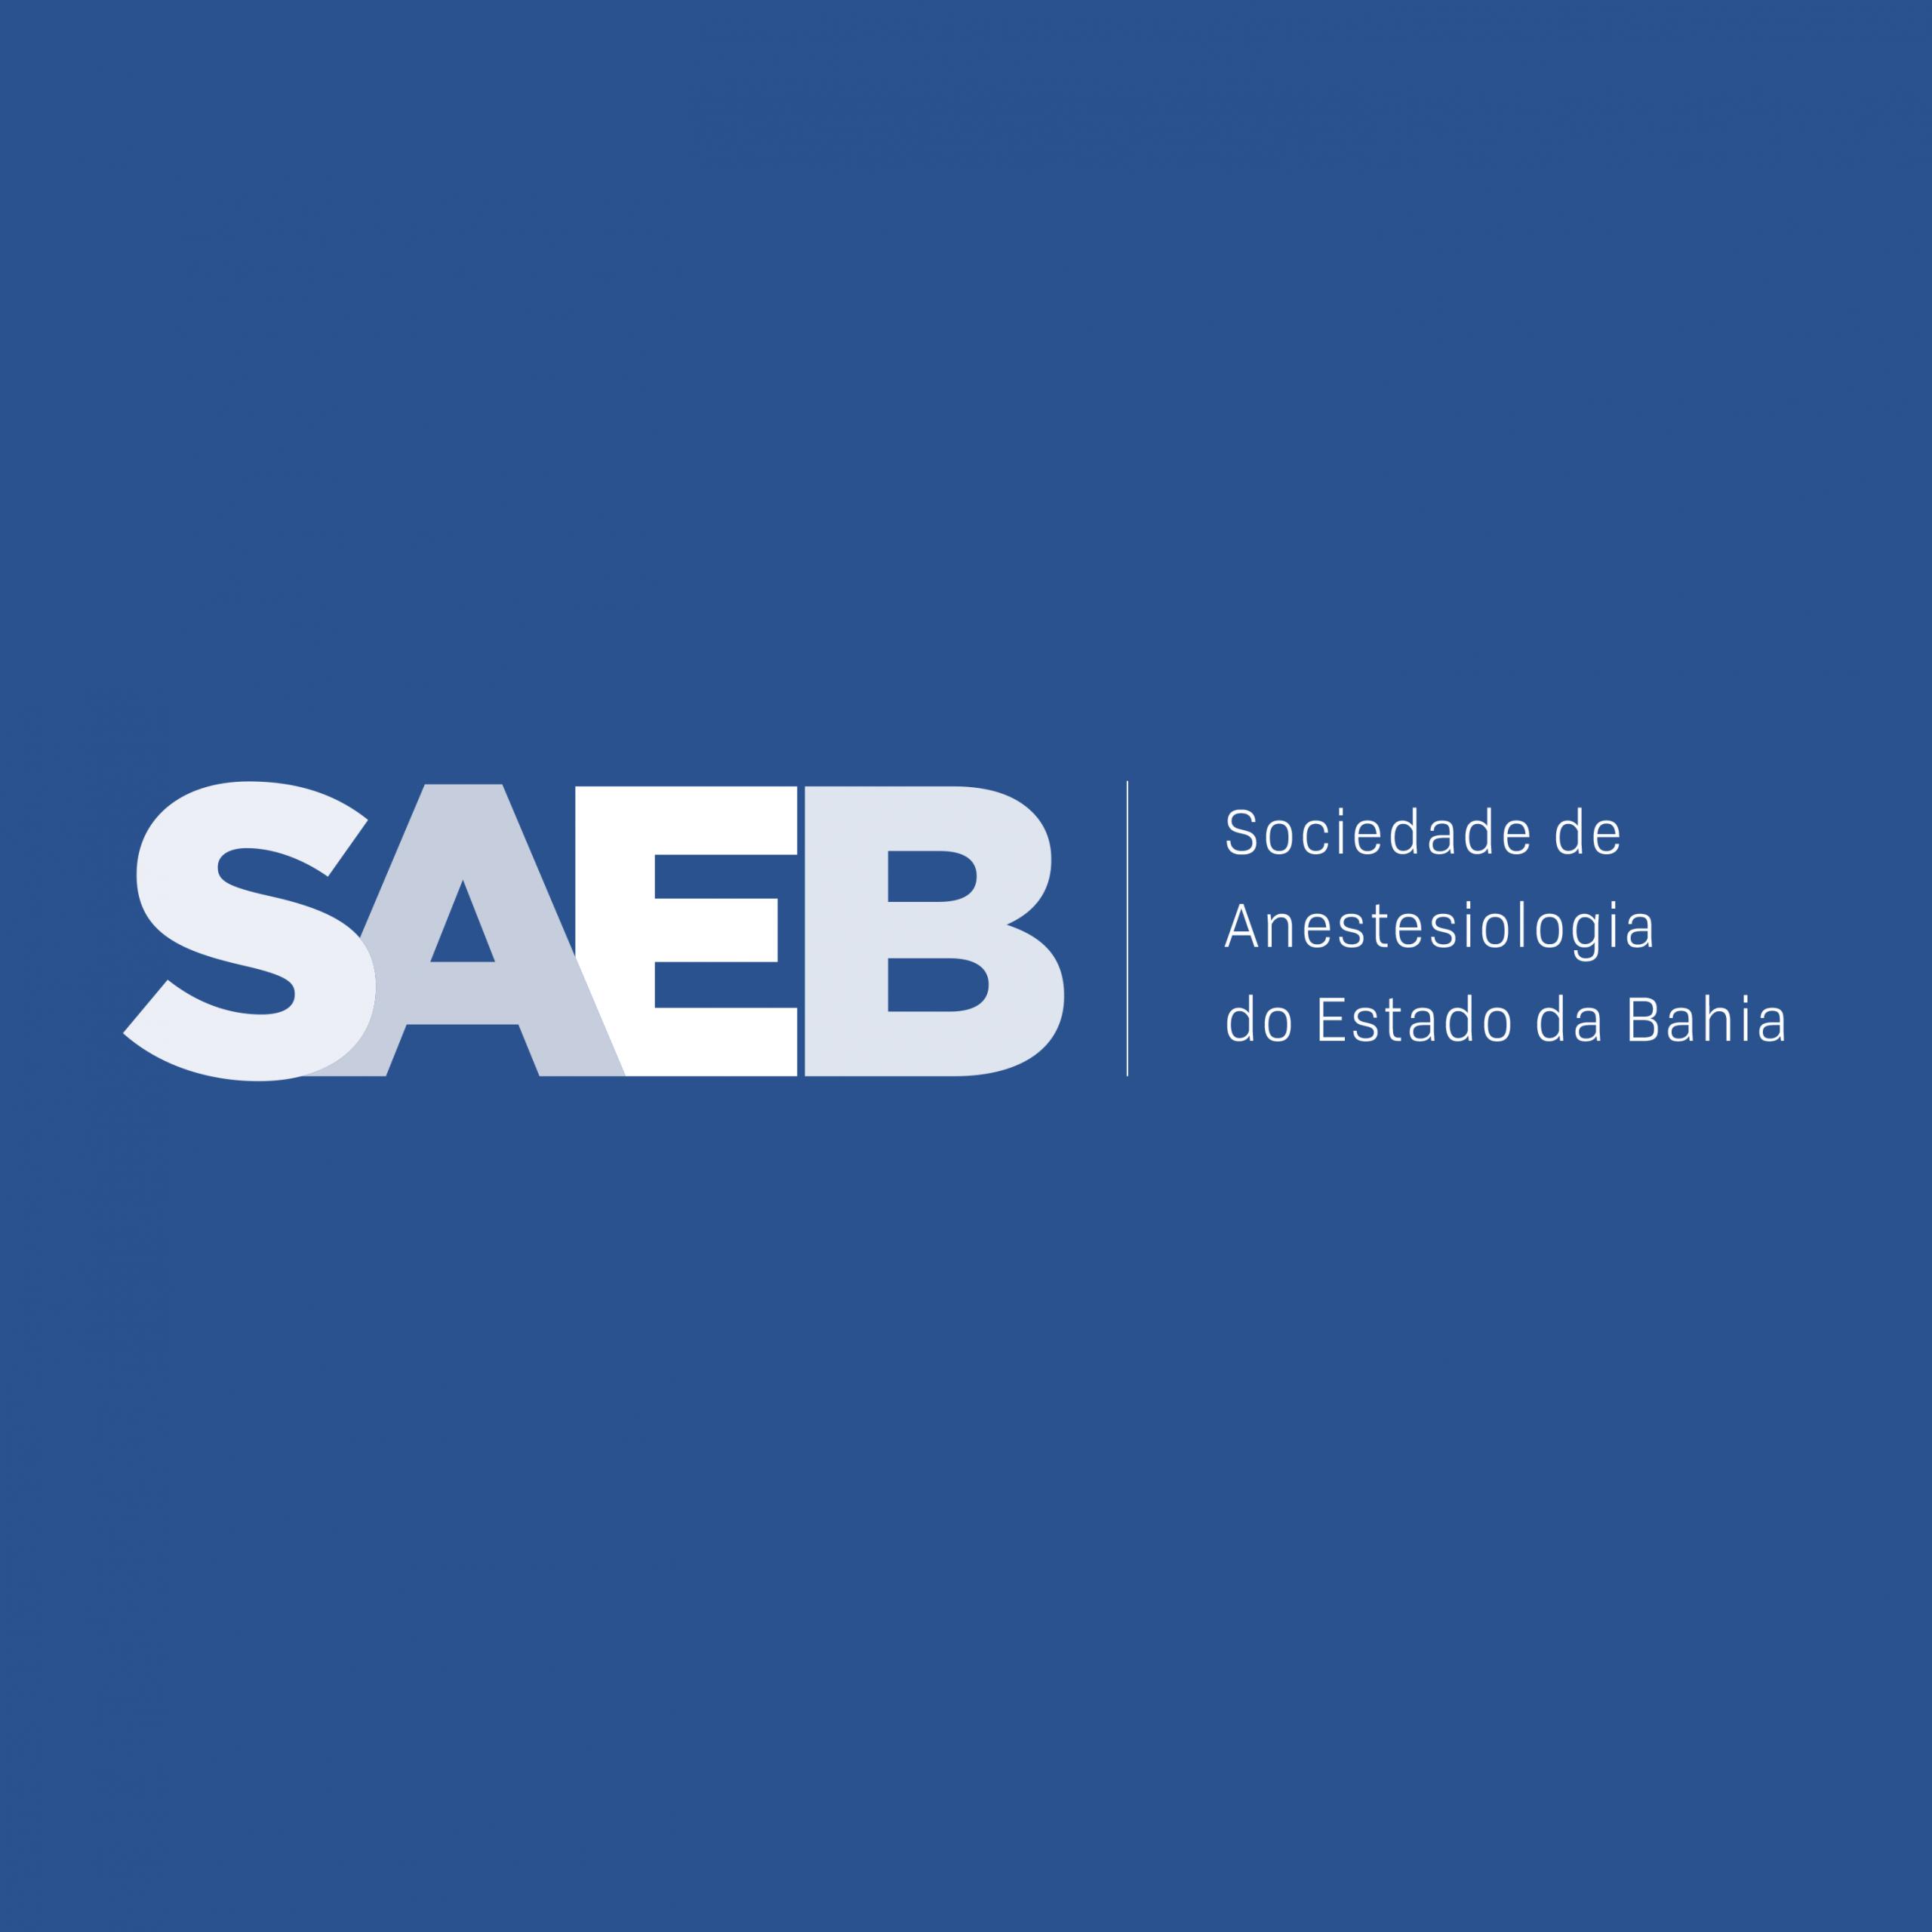 Sociedade de Anestesiologia do Estado da Bahia (SAEB)